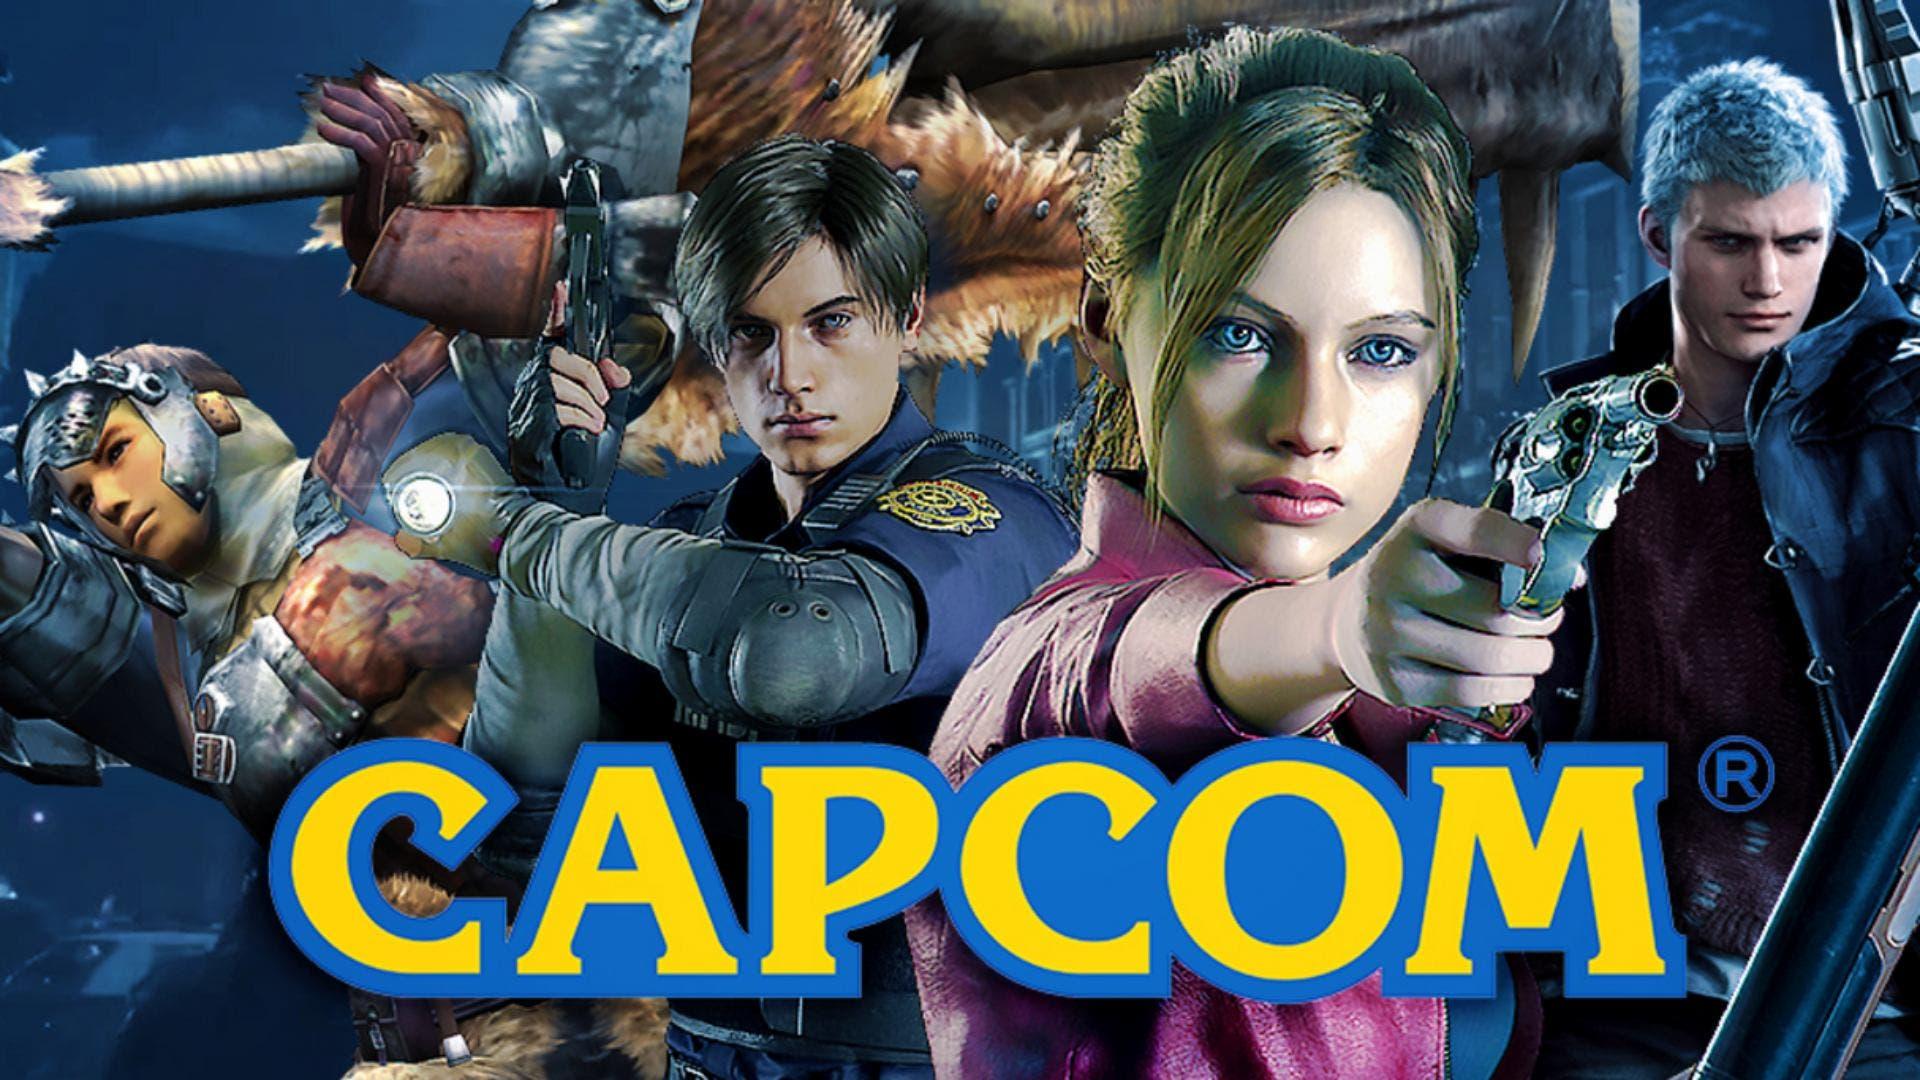 La tienda de Capcom cerrará oficialmente el 1 de mayo 2